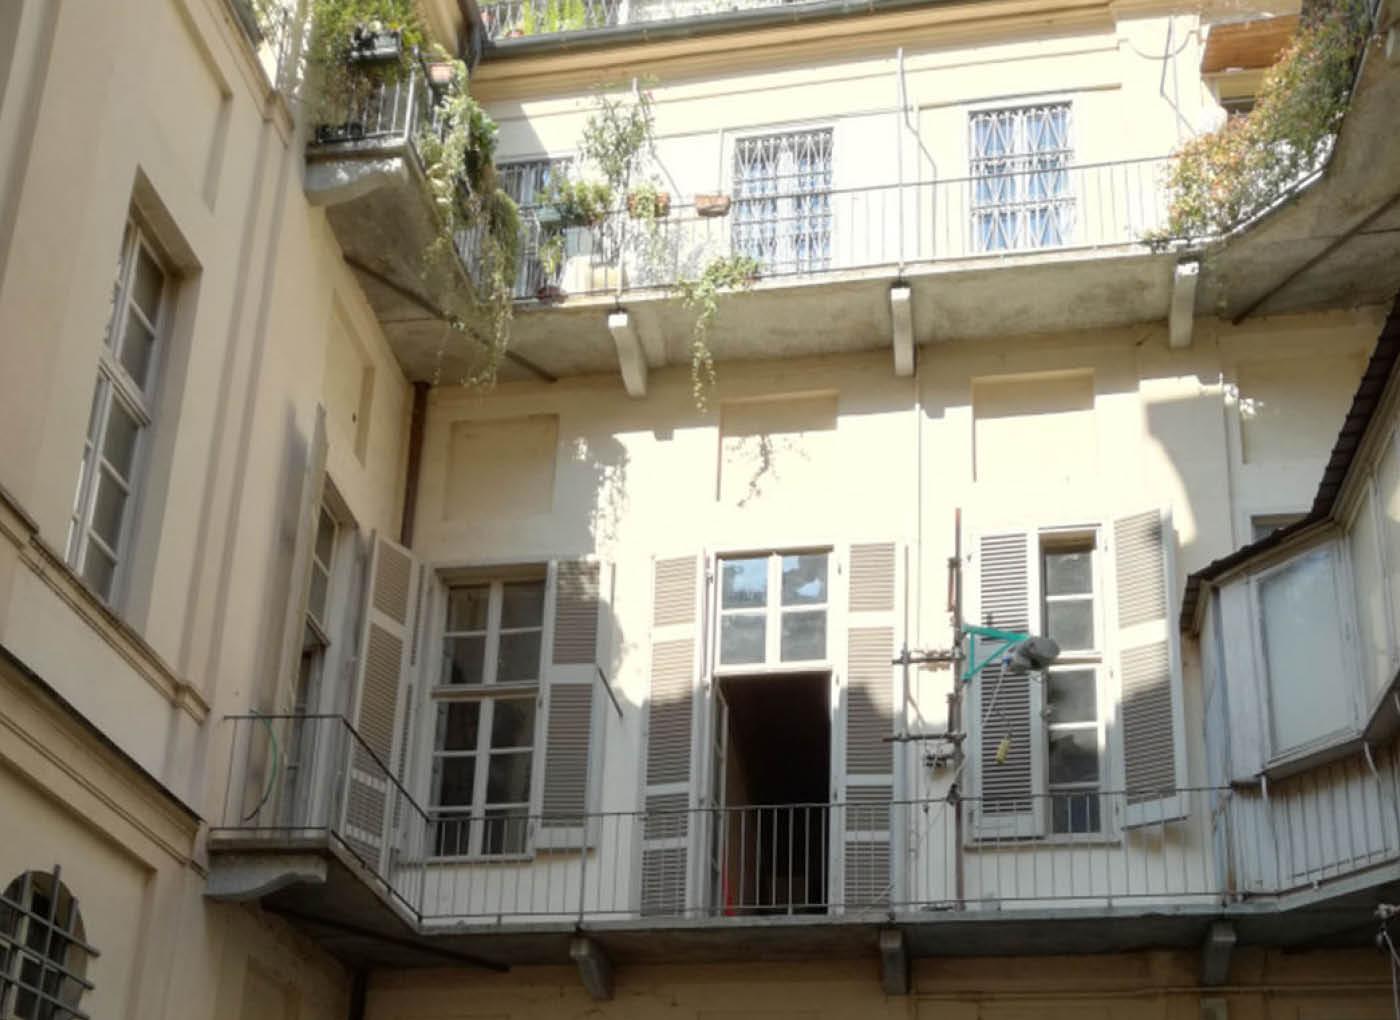 palazzo-carretto-torino-massetto-leggero-lecamix-fast-4